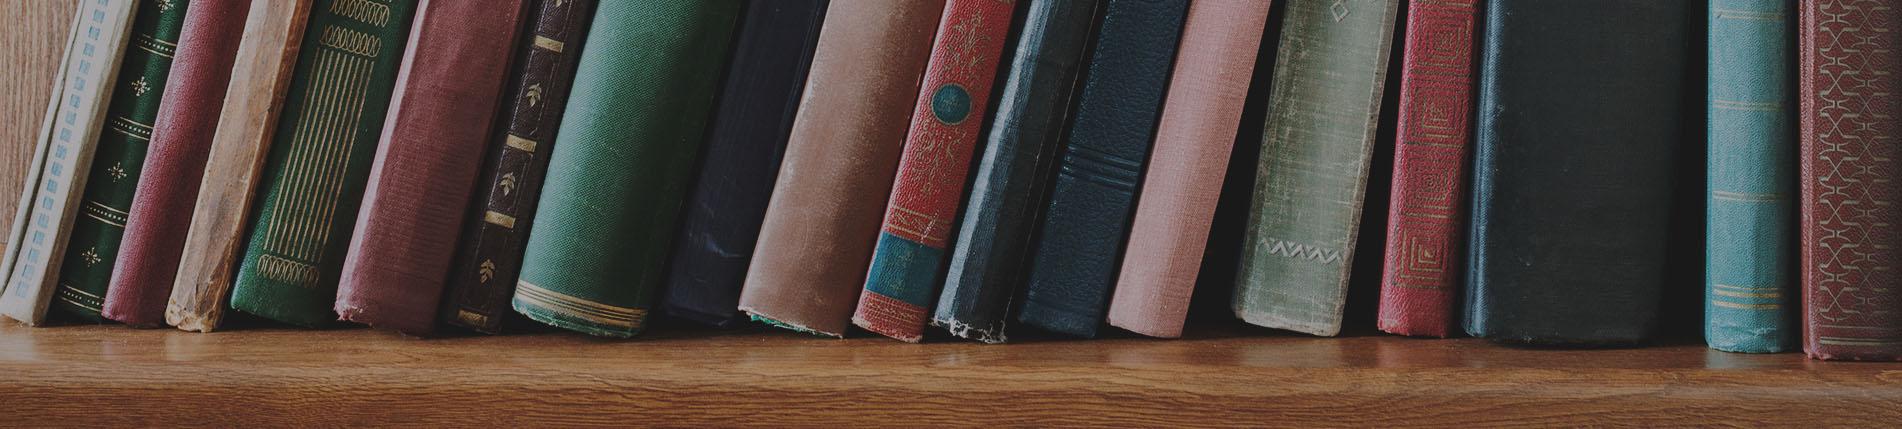 Lasten kirjat